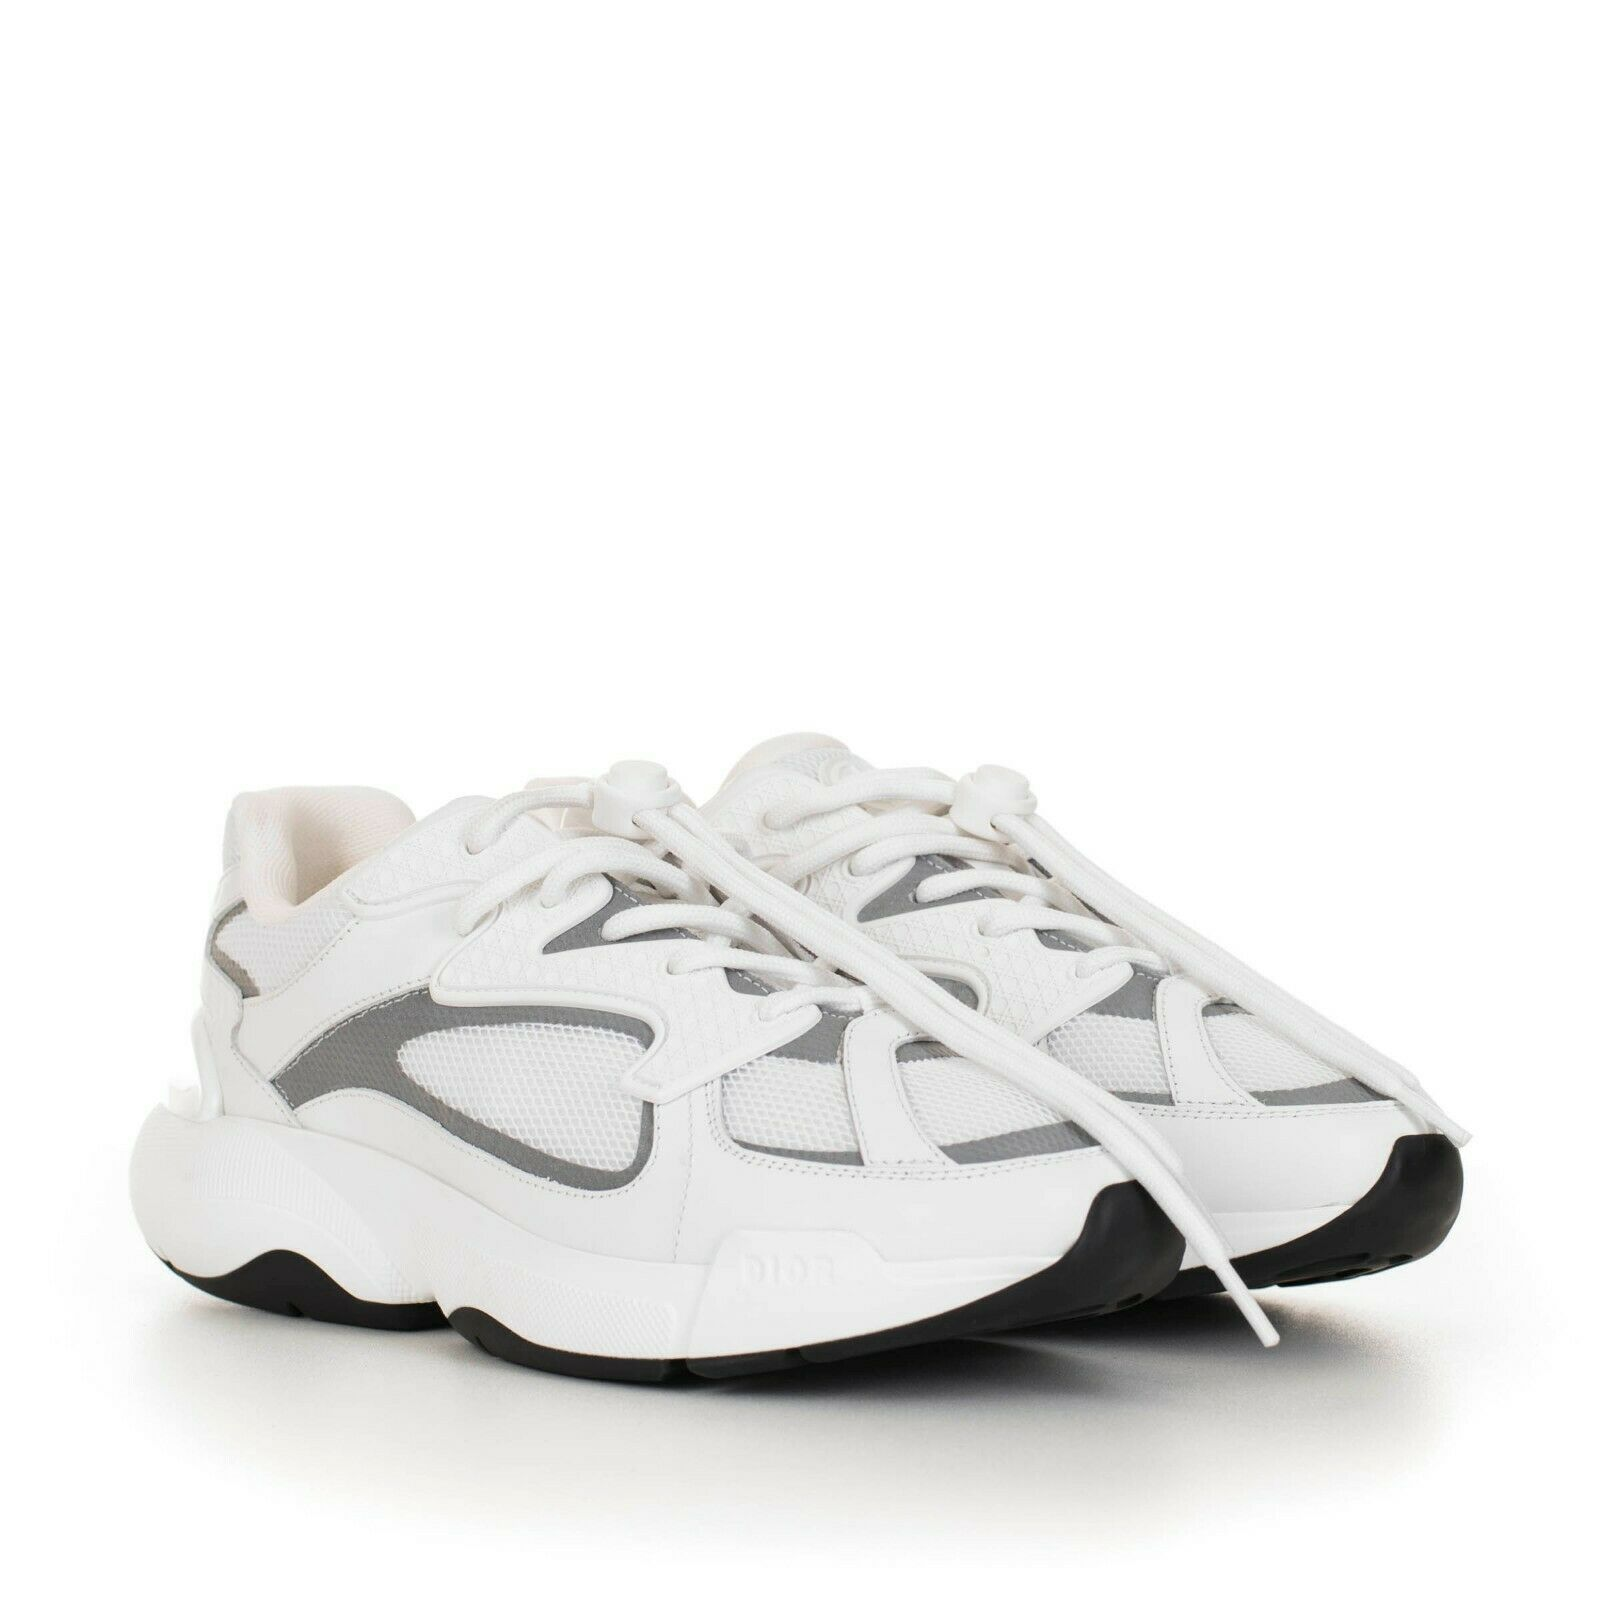 Dior B24 White